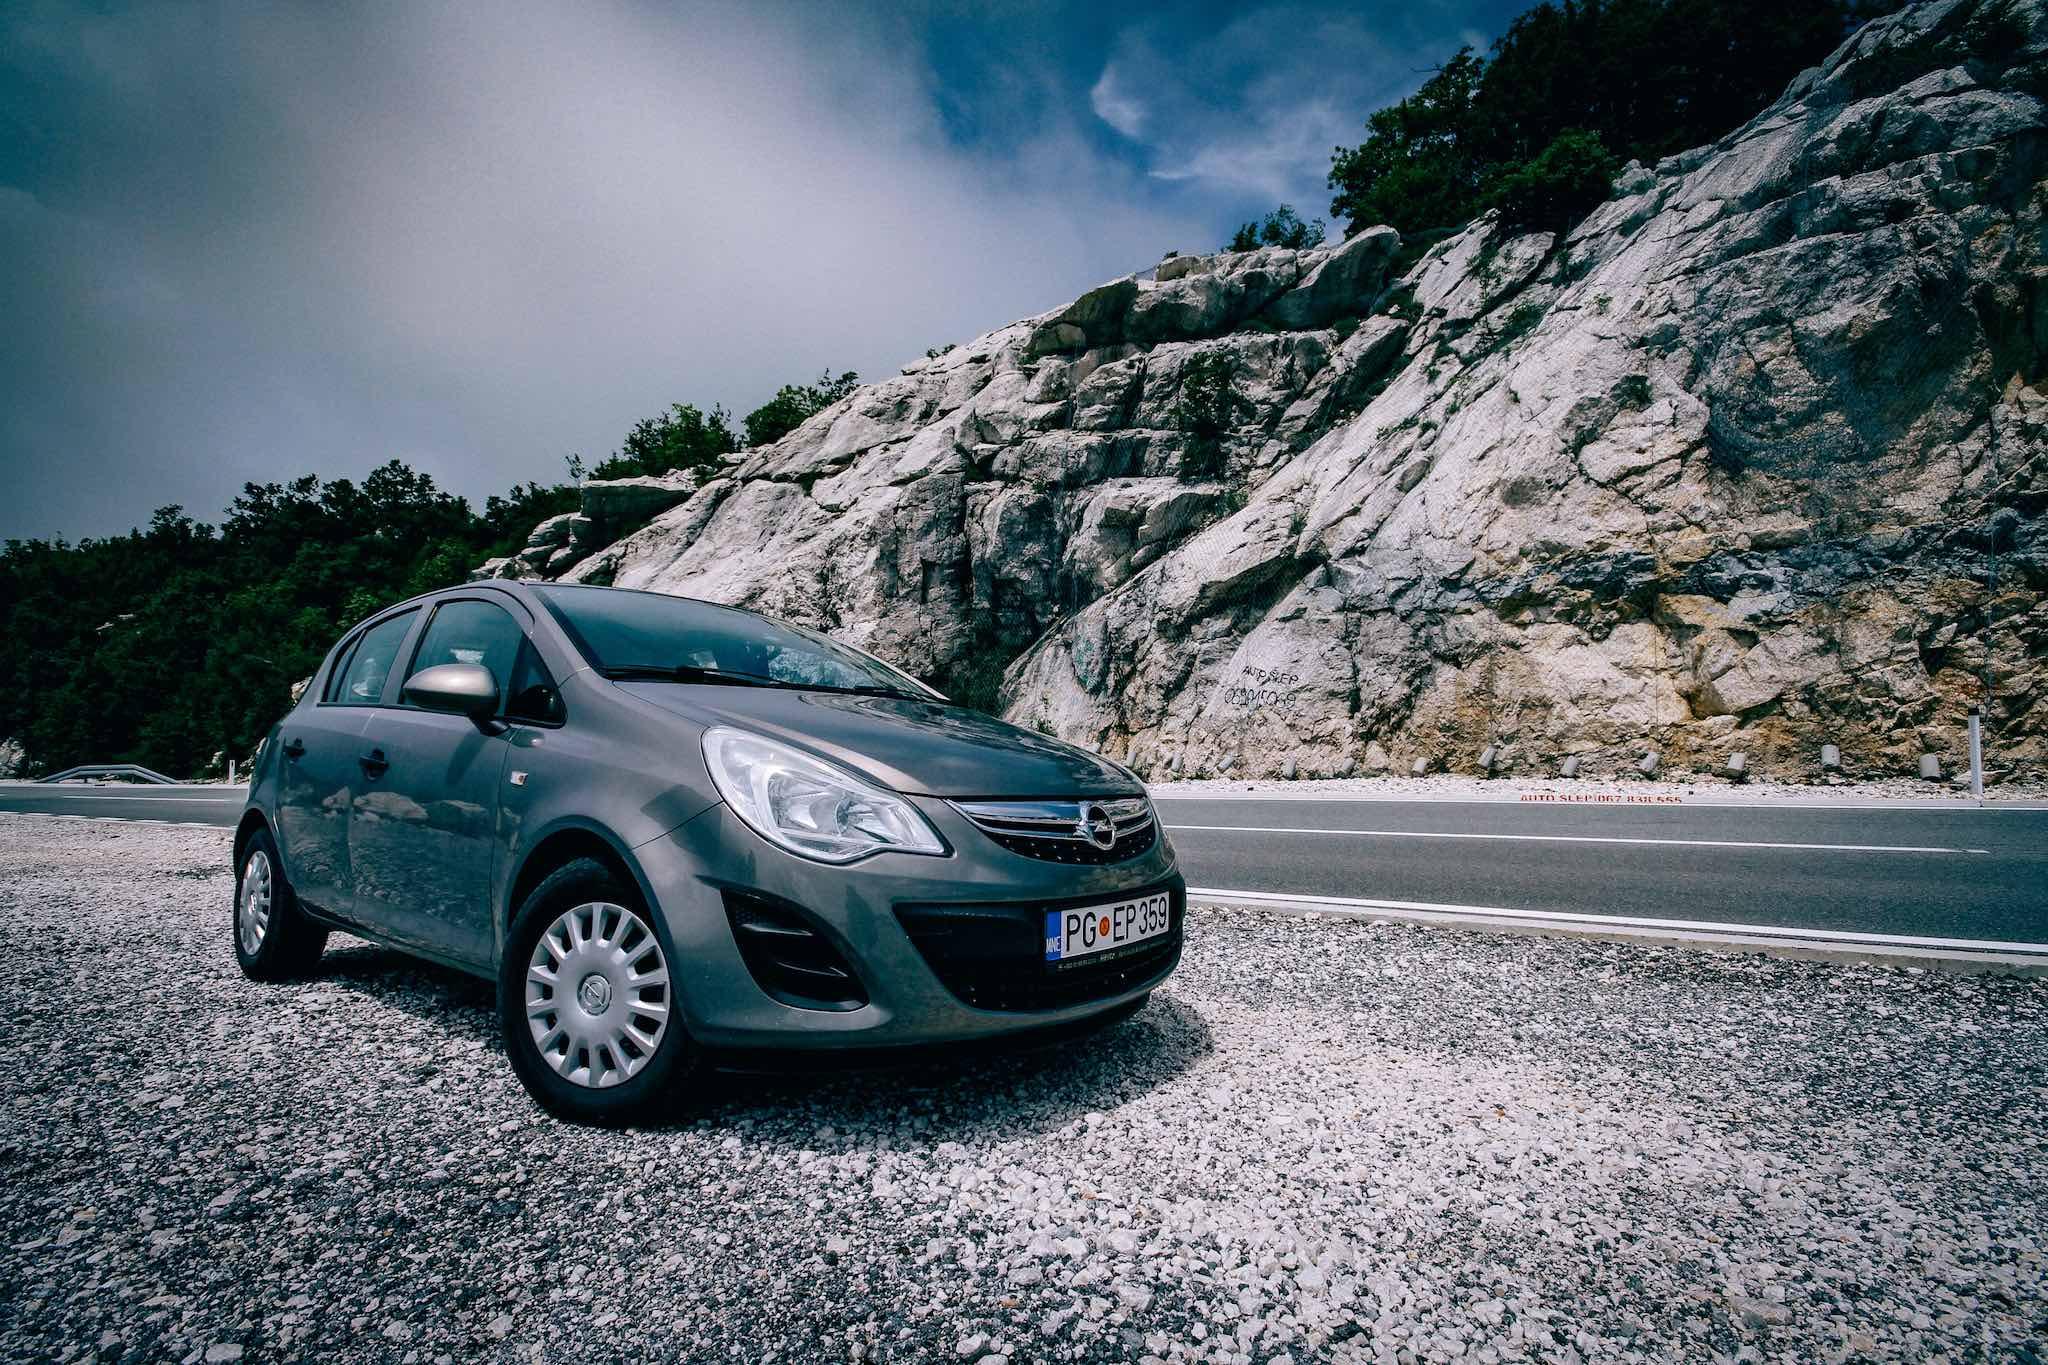 Opel Corsa, Hertz autóbérlés Montenegróban